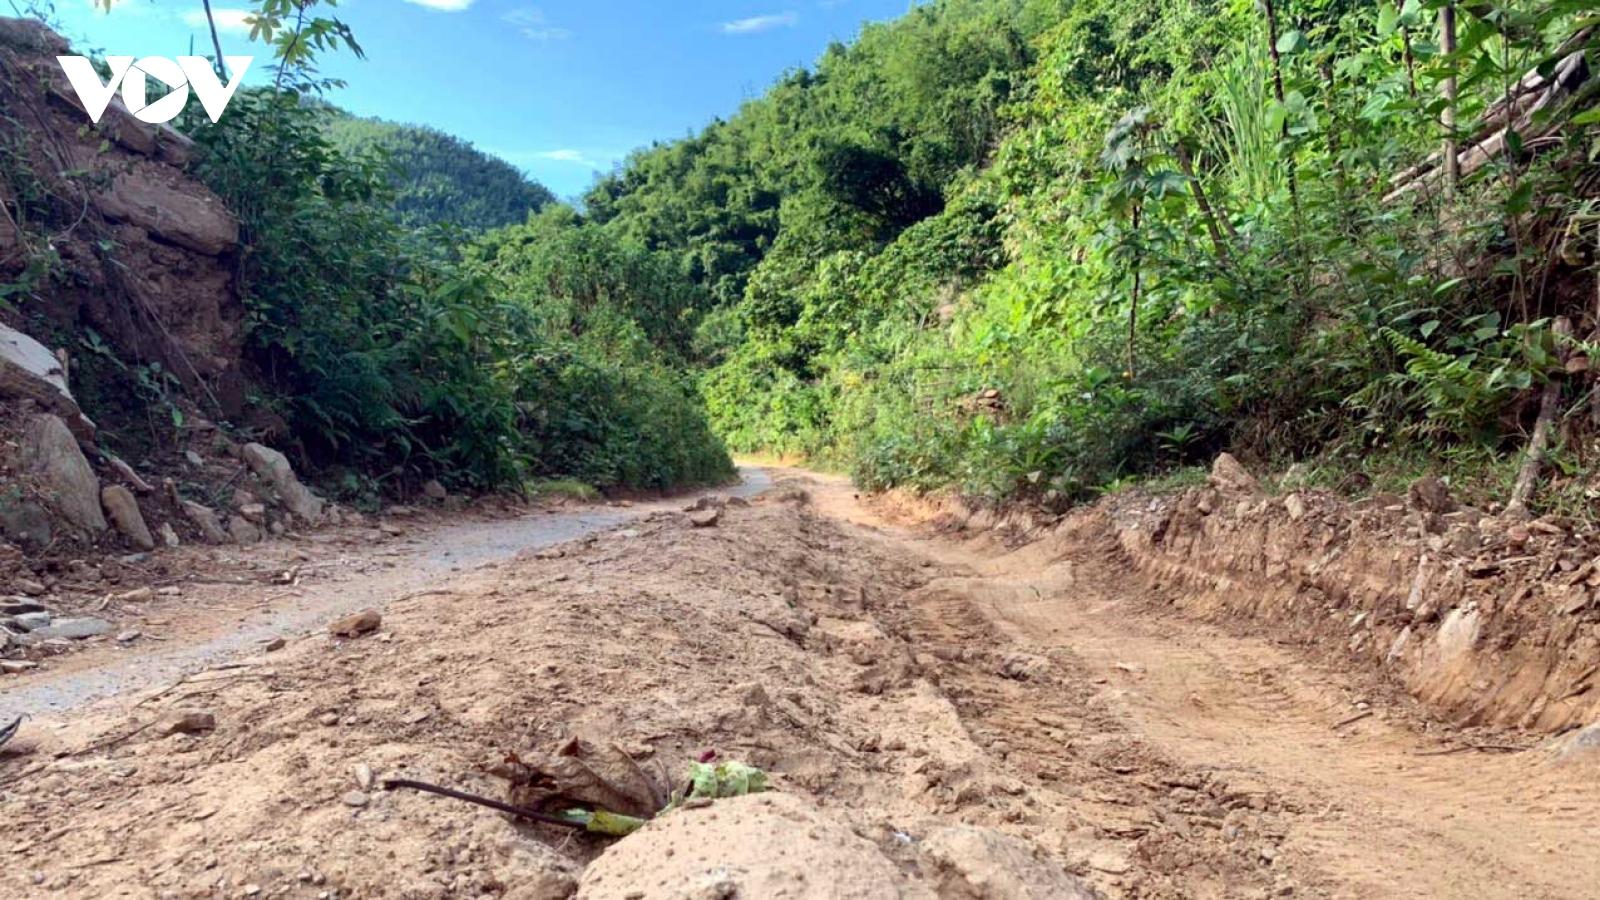 Hơn 10 km đường liên tỉnh hàng chục năm thi công dang dở, dân khổ sở?